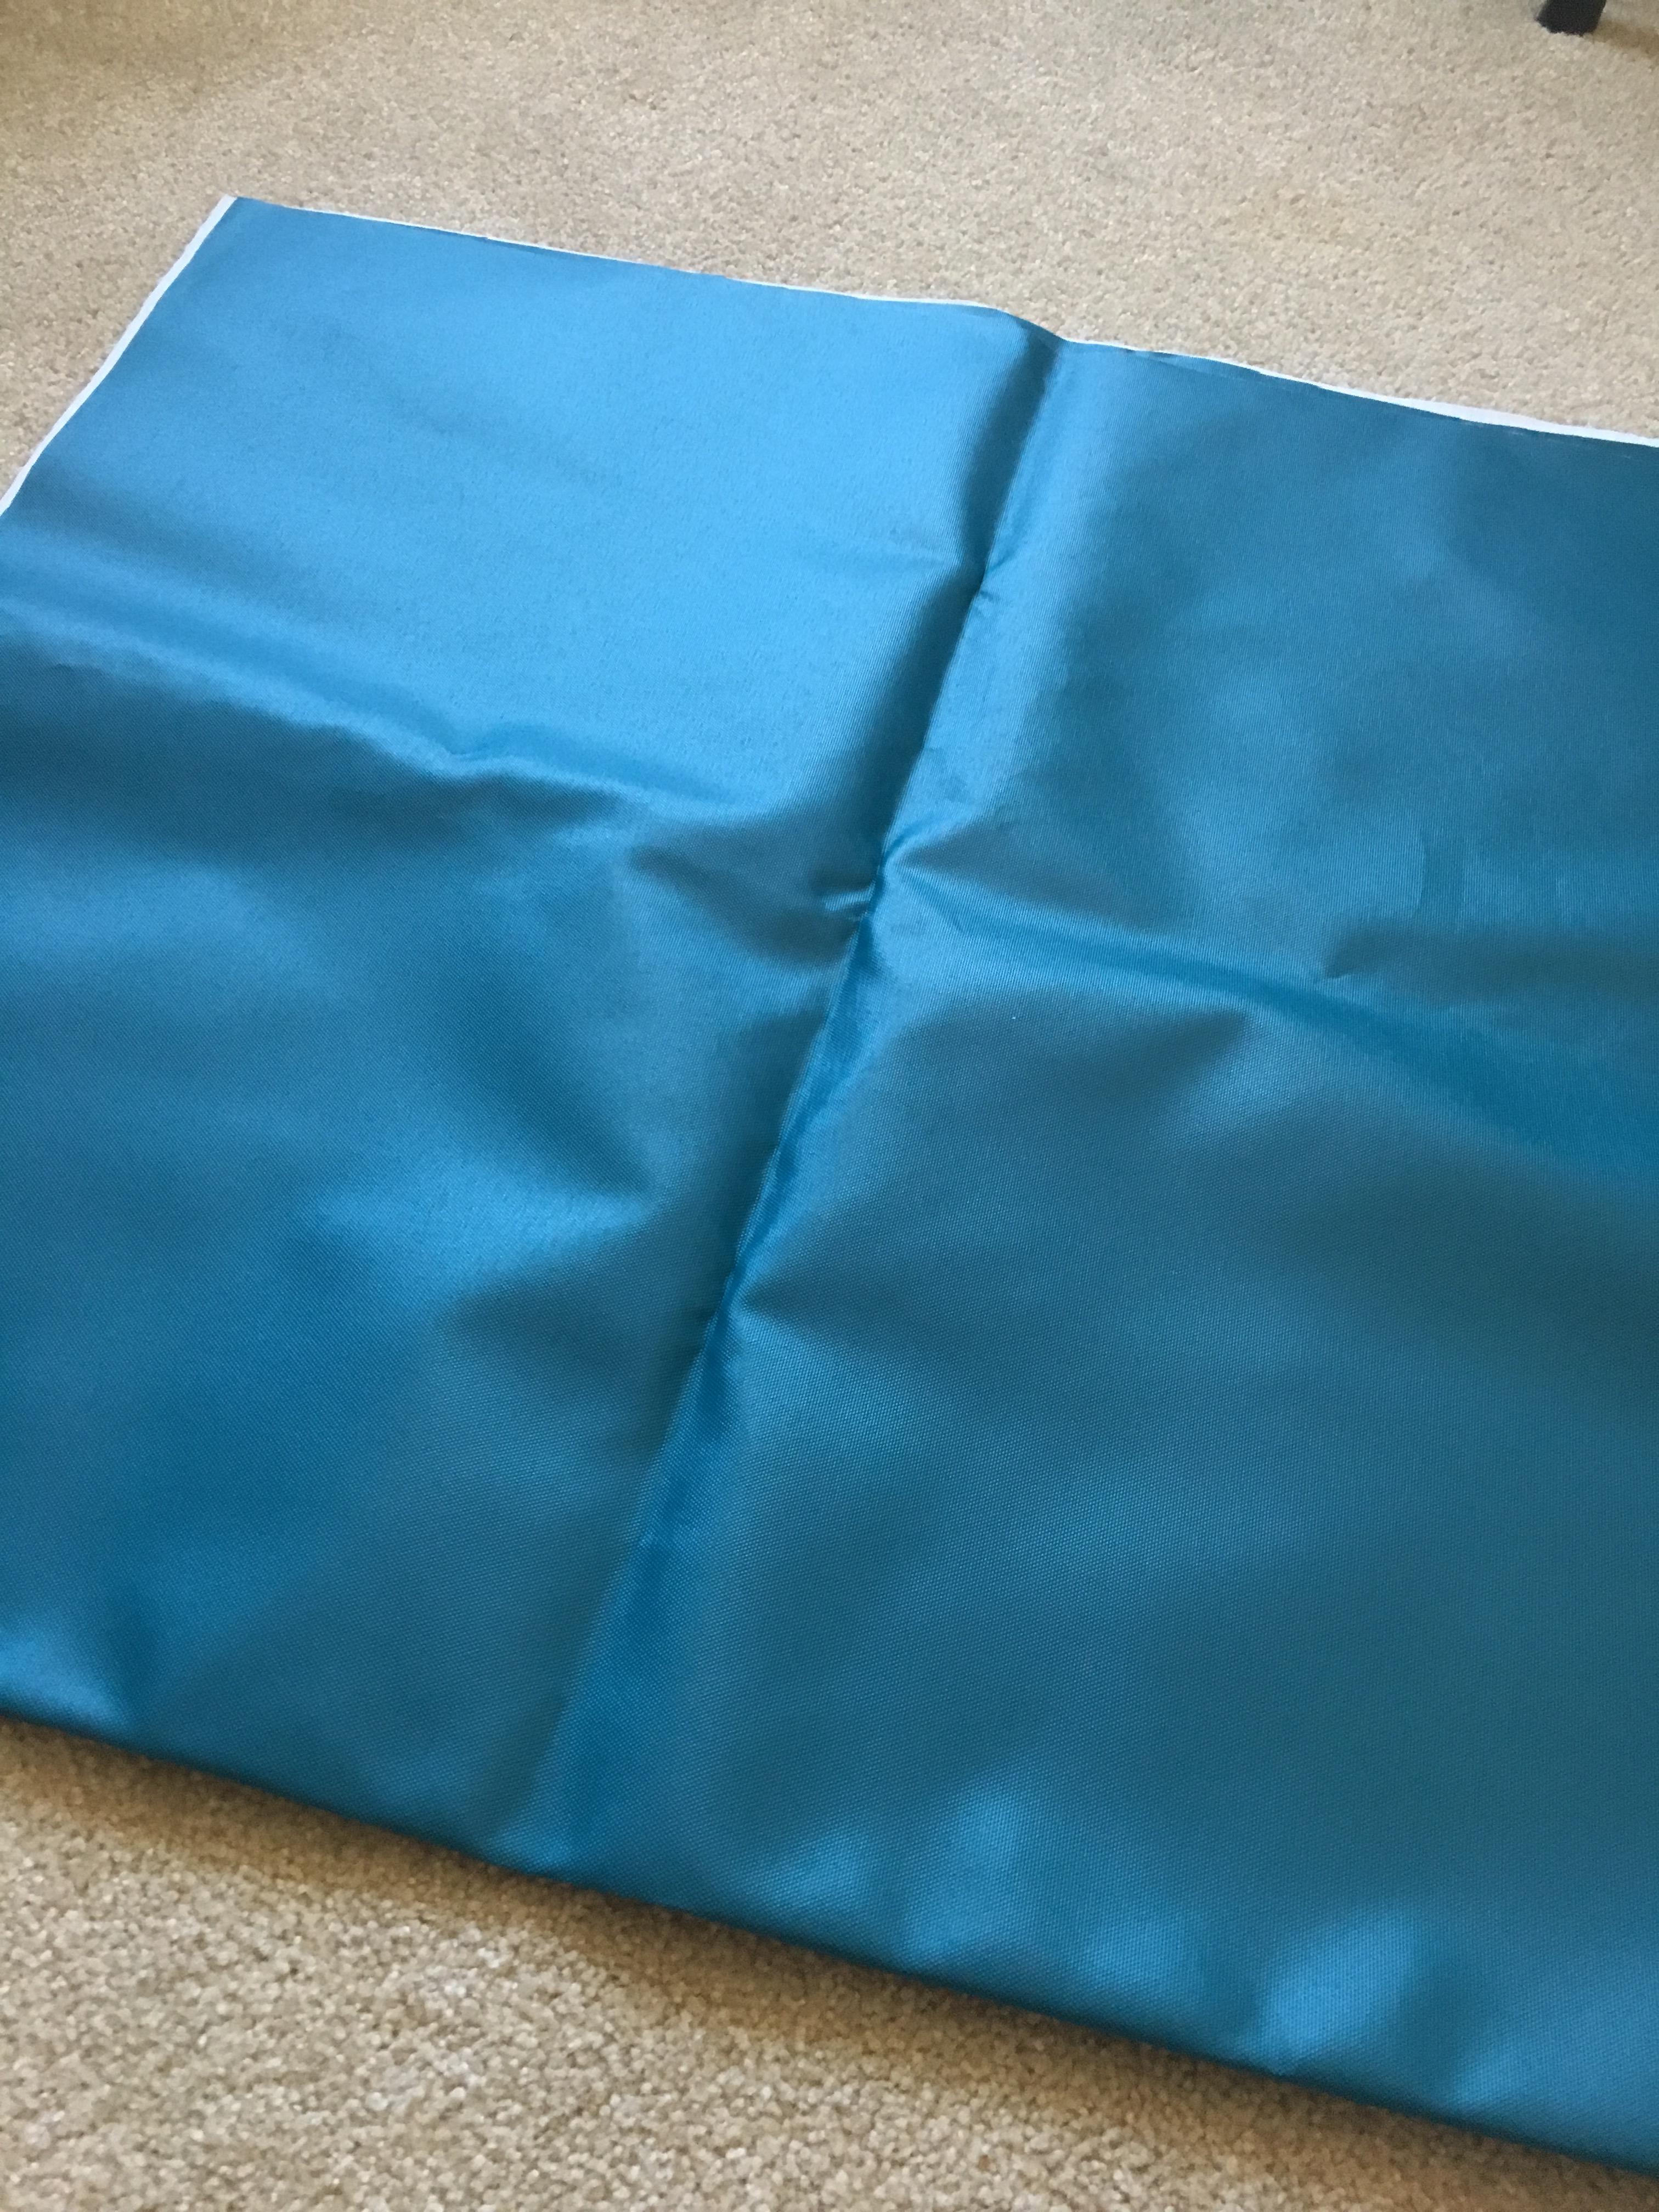 vinyl blue fabric